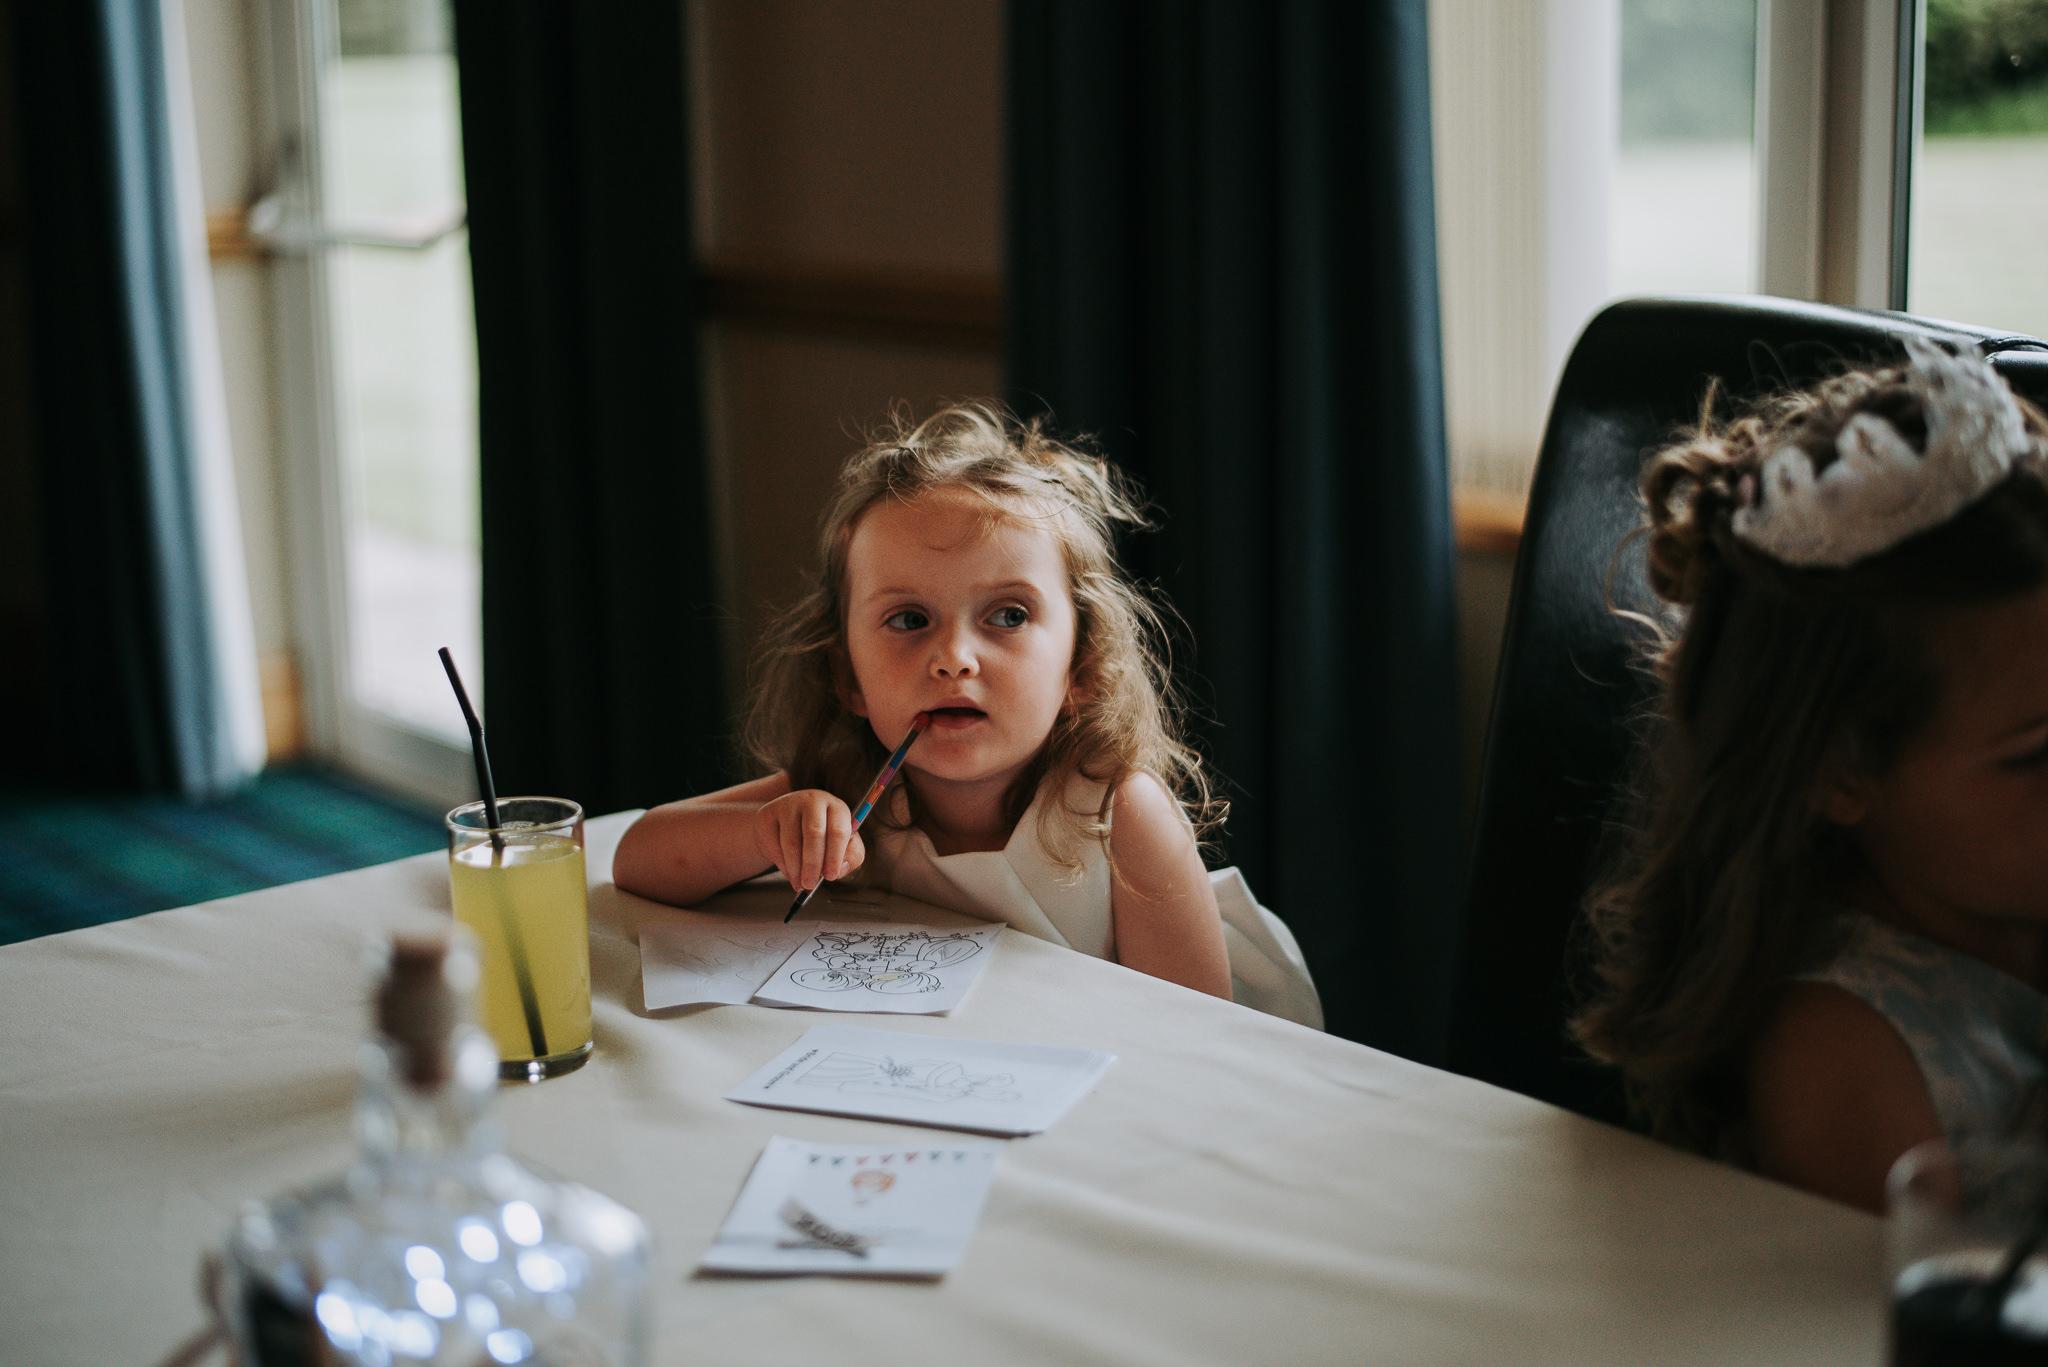 leeds-reportage-wedding-photography-10.jpg